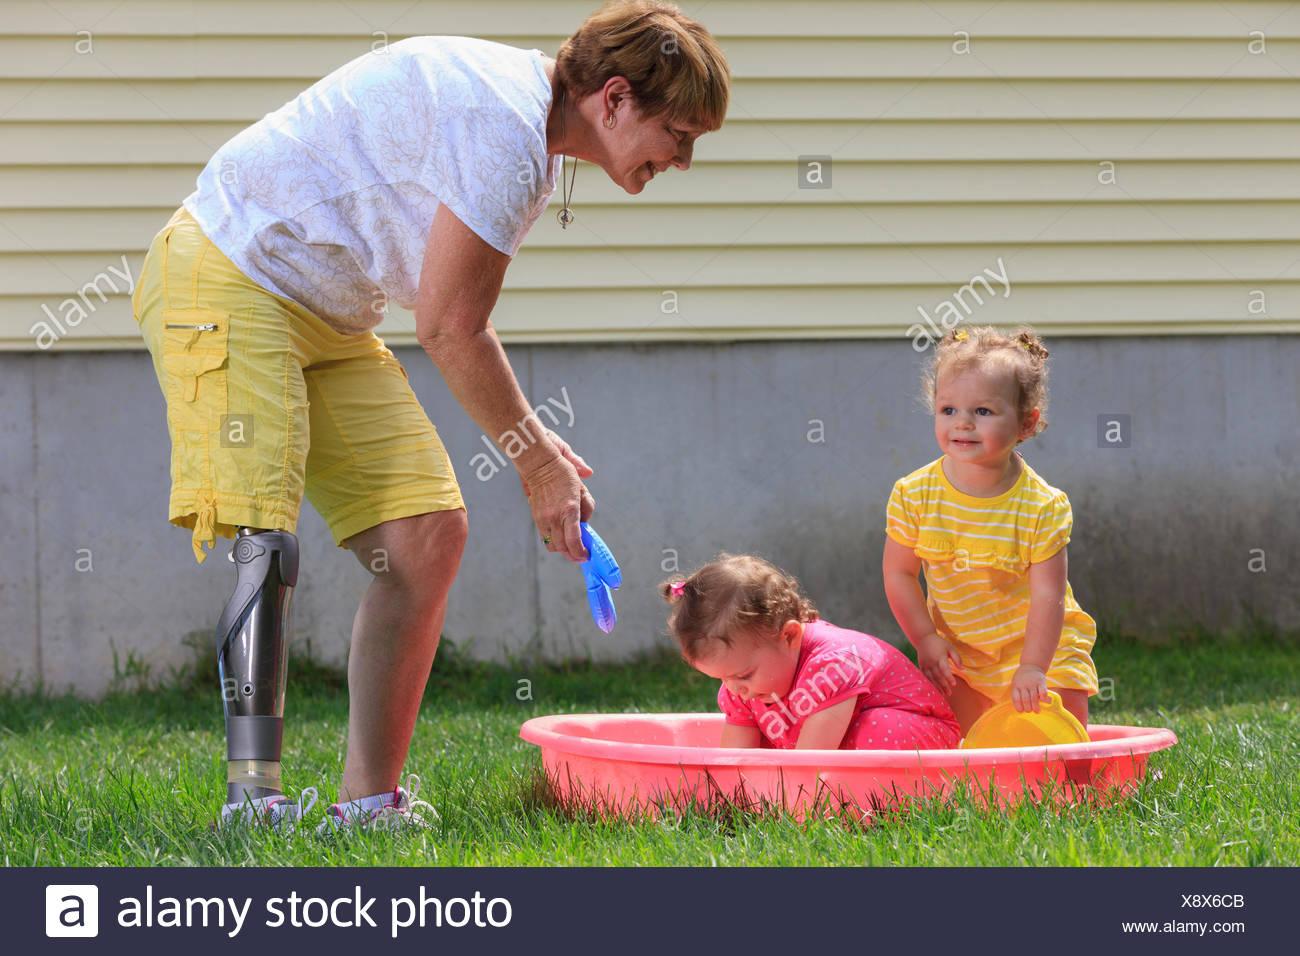 Abuela con una pierna protésica jugando con sus nietos en una piscina infantil Imagen De Stock